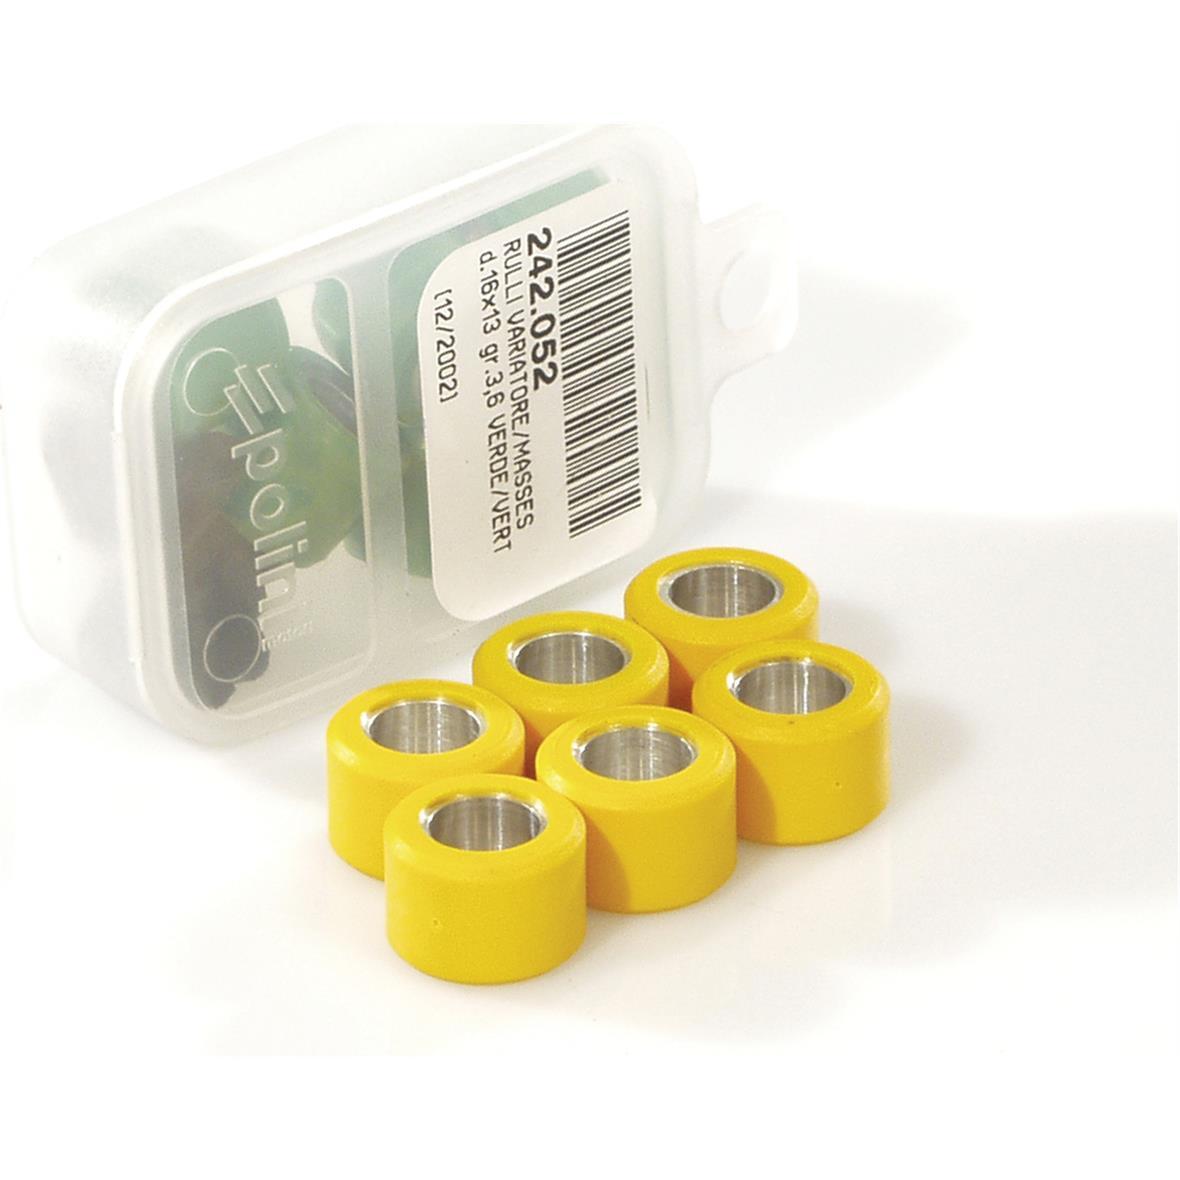 Obrázek výrobku pro 'Válečky variátoru POLINI 15x12 mm 6,7 gramTitle'